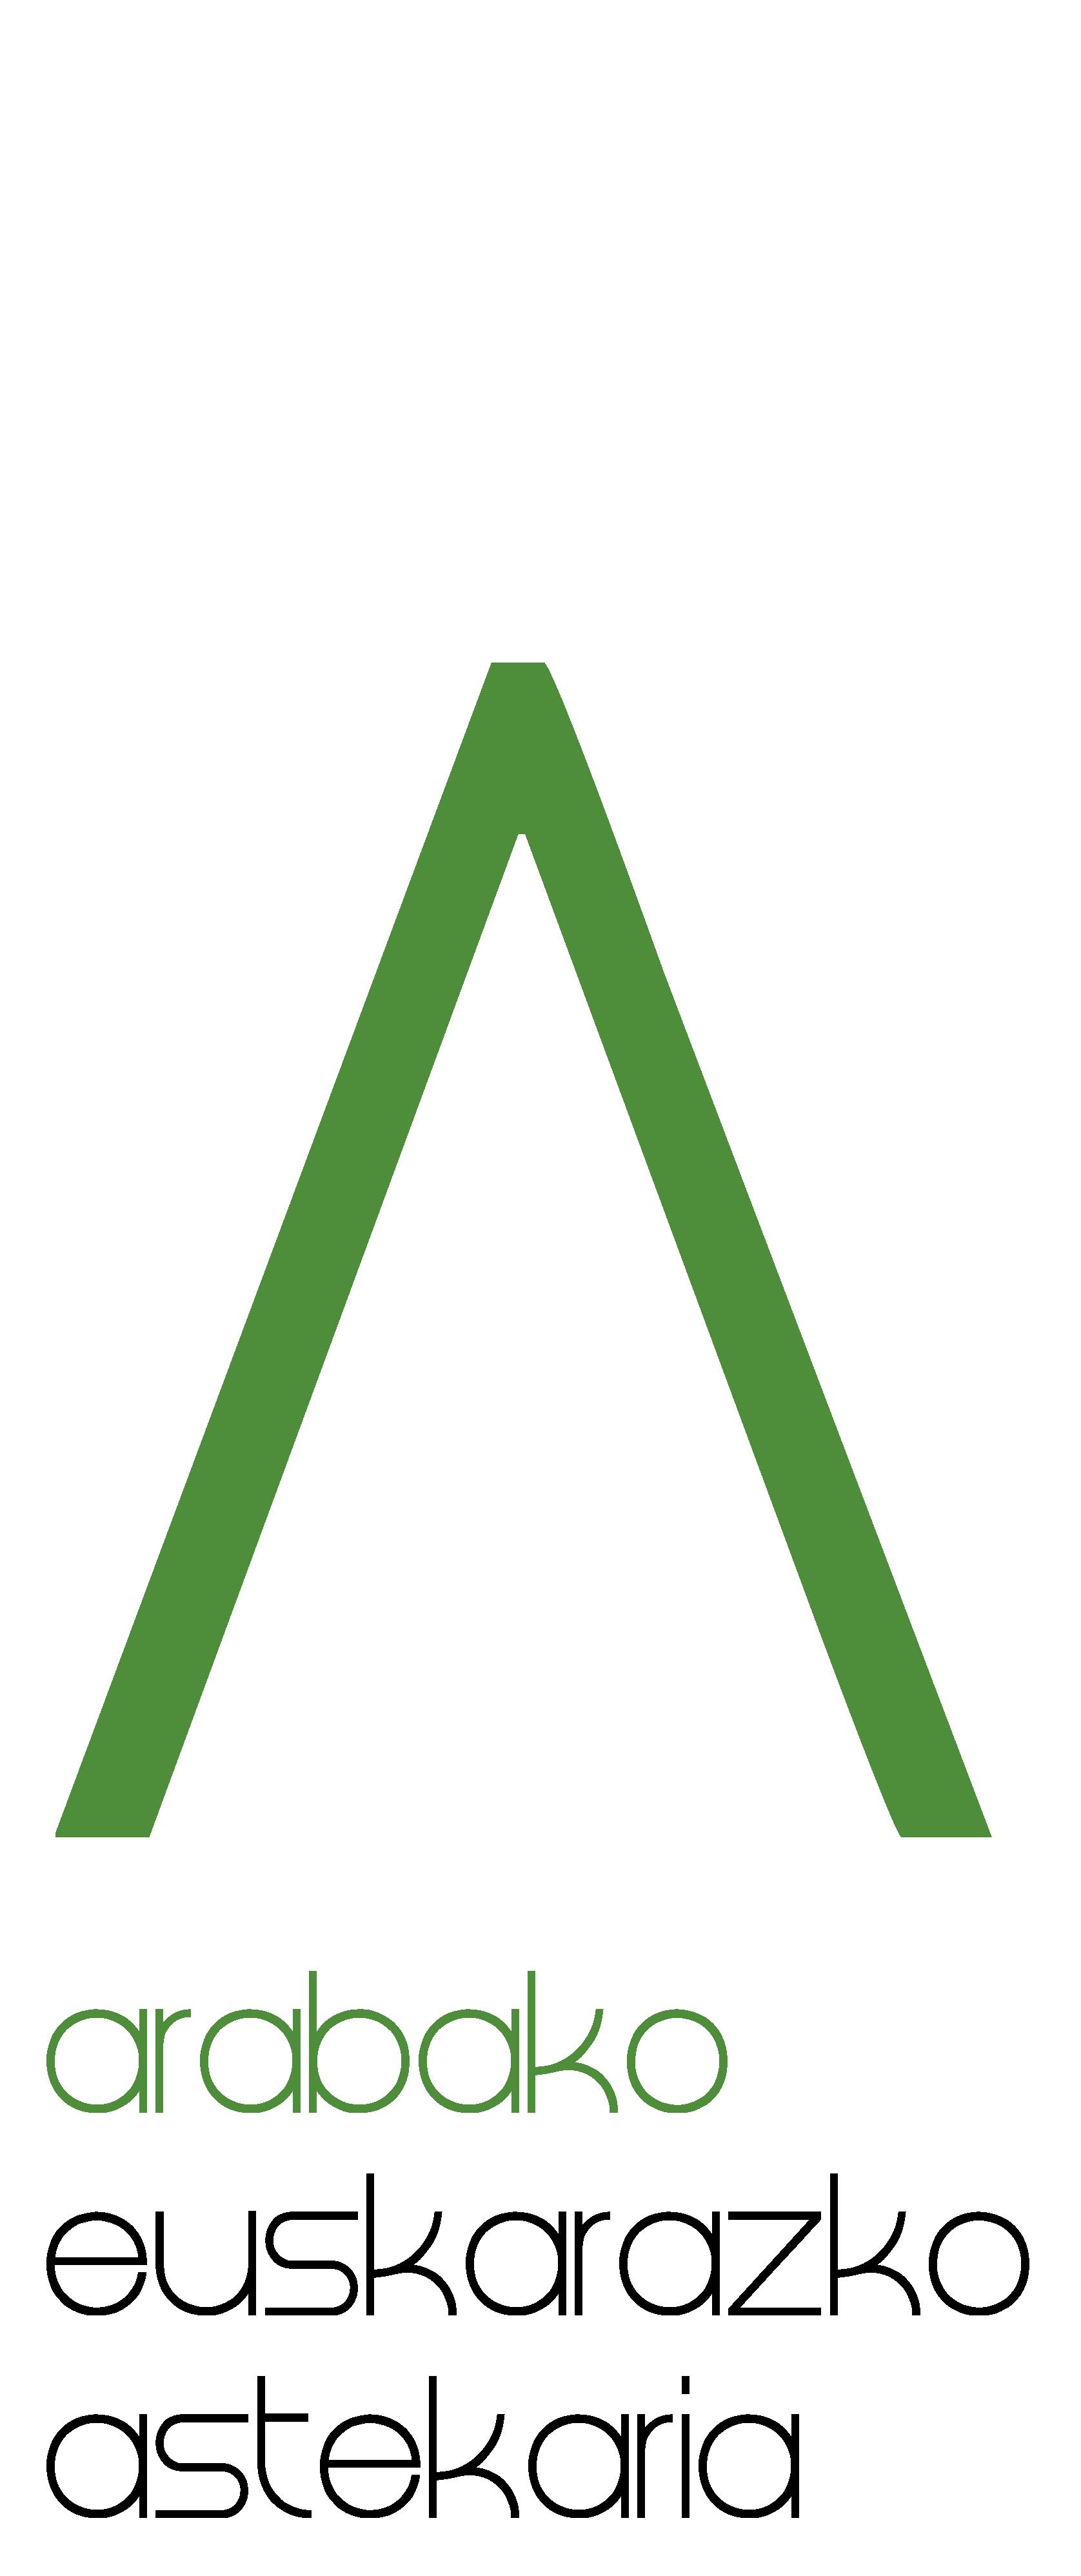 ig karratu - alea logotipoa laburtuta